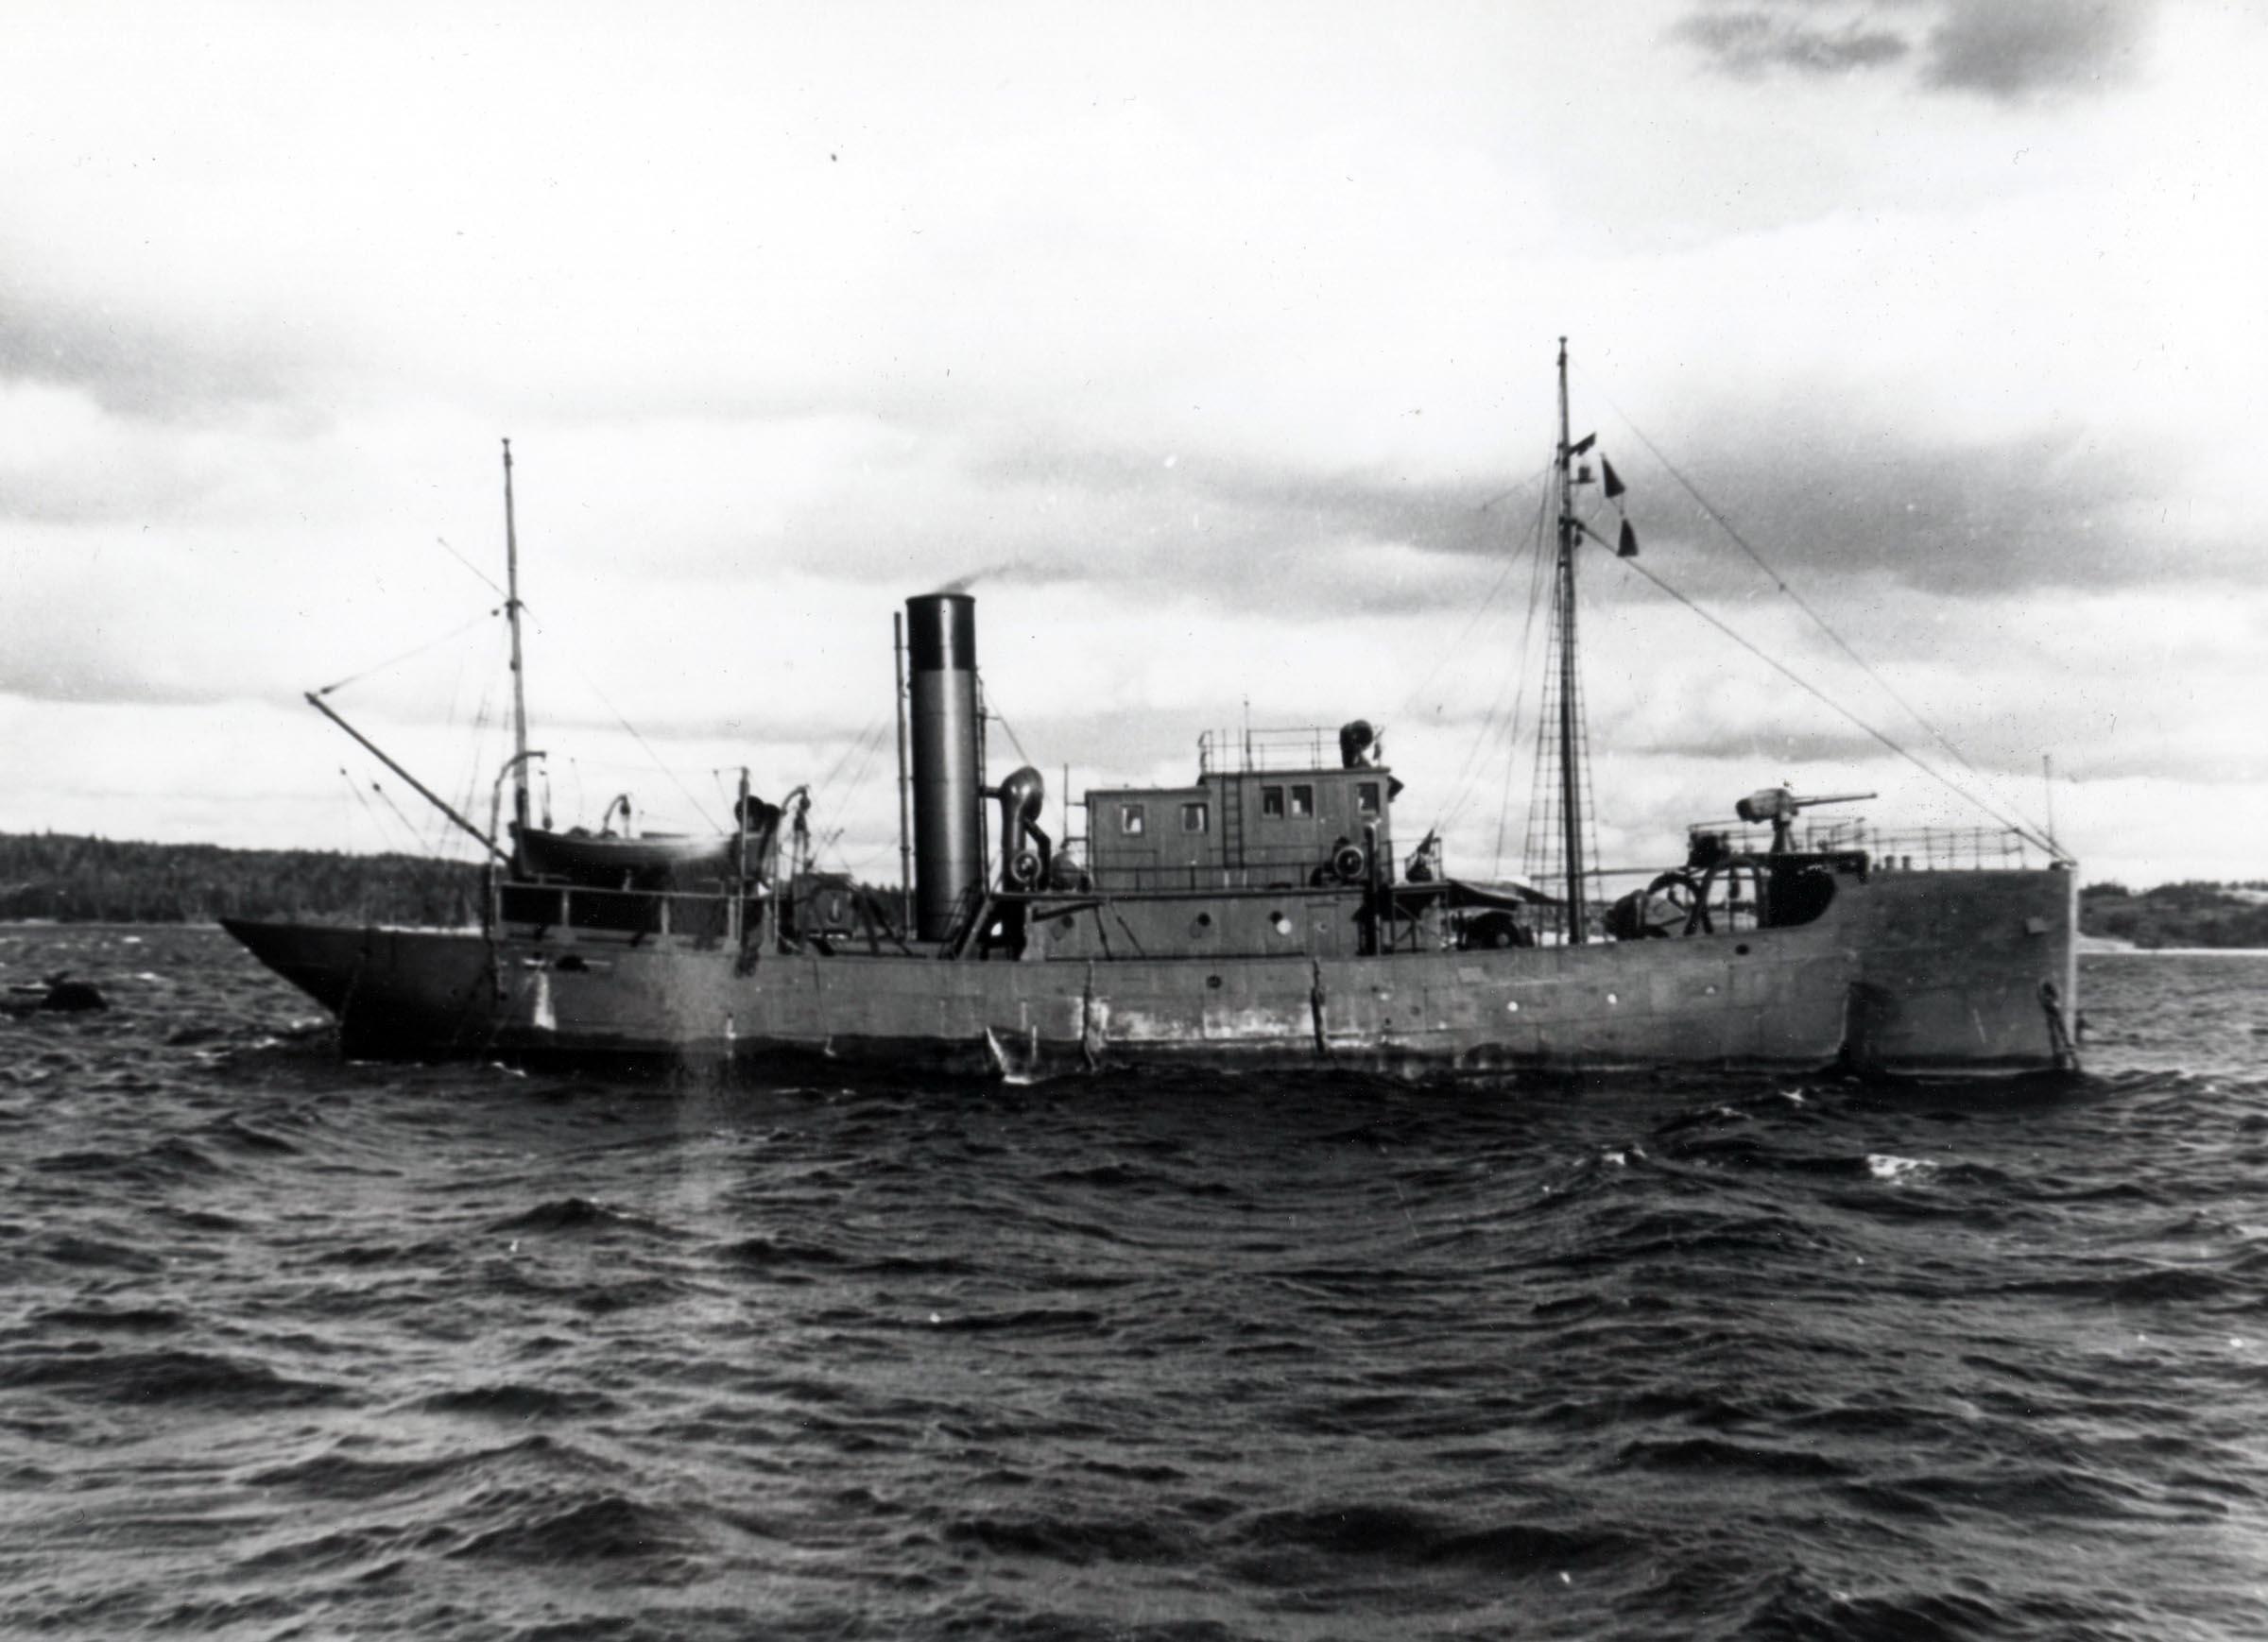 HMCS ARLEUX